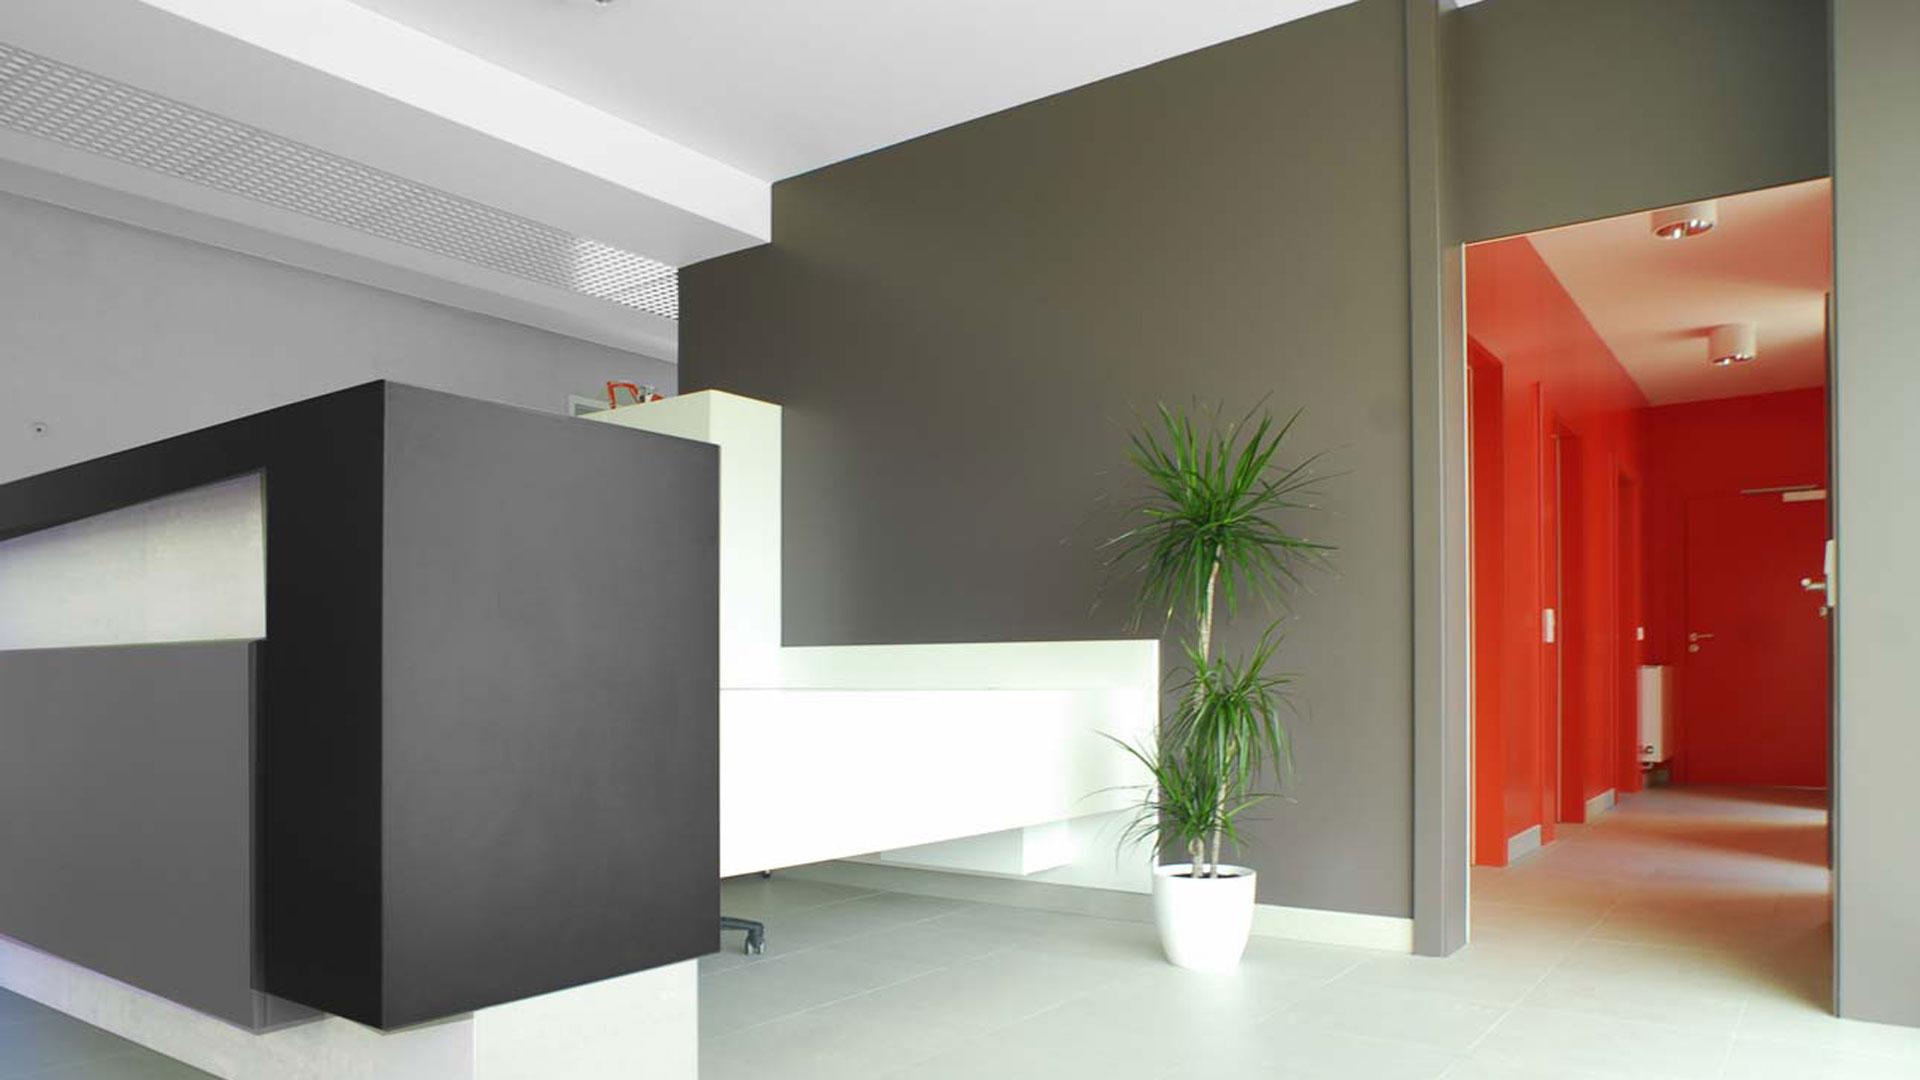 bureaux de la société AEVA à Hoerdt - photo F. Kronenberger